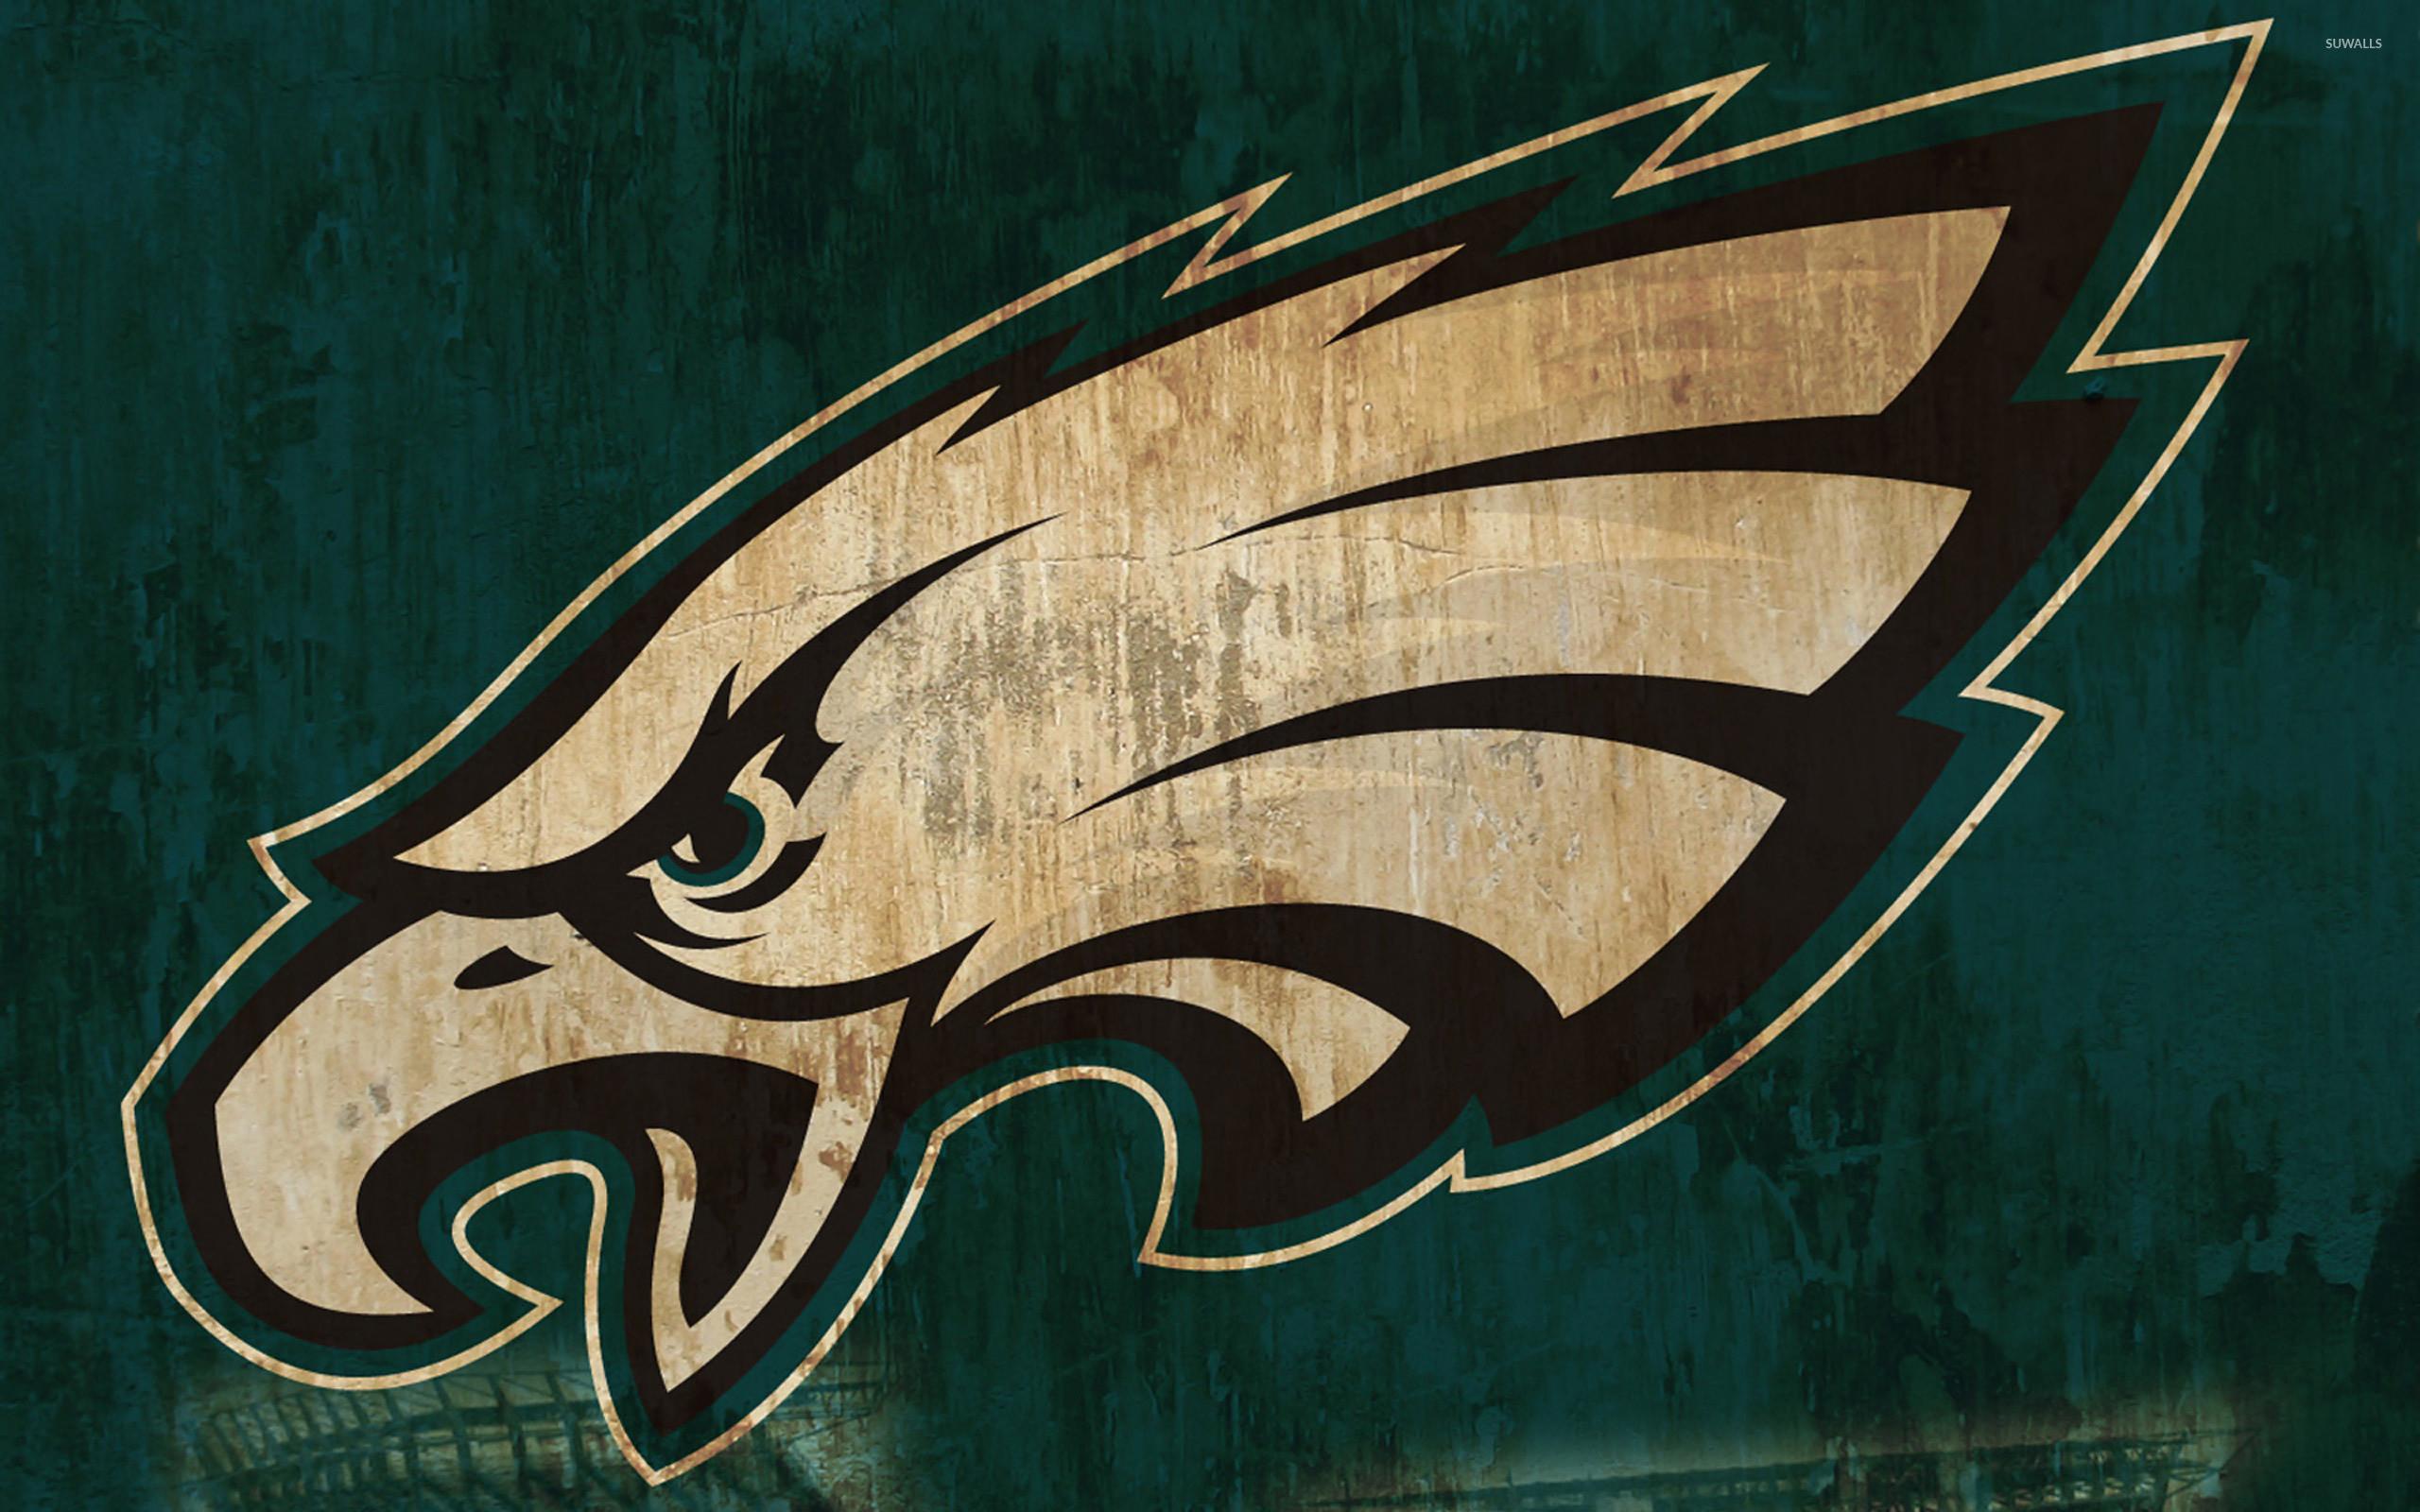 Philadelphia Eagles wallpaper jpg